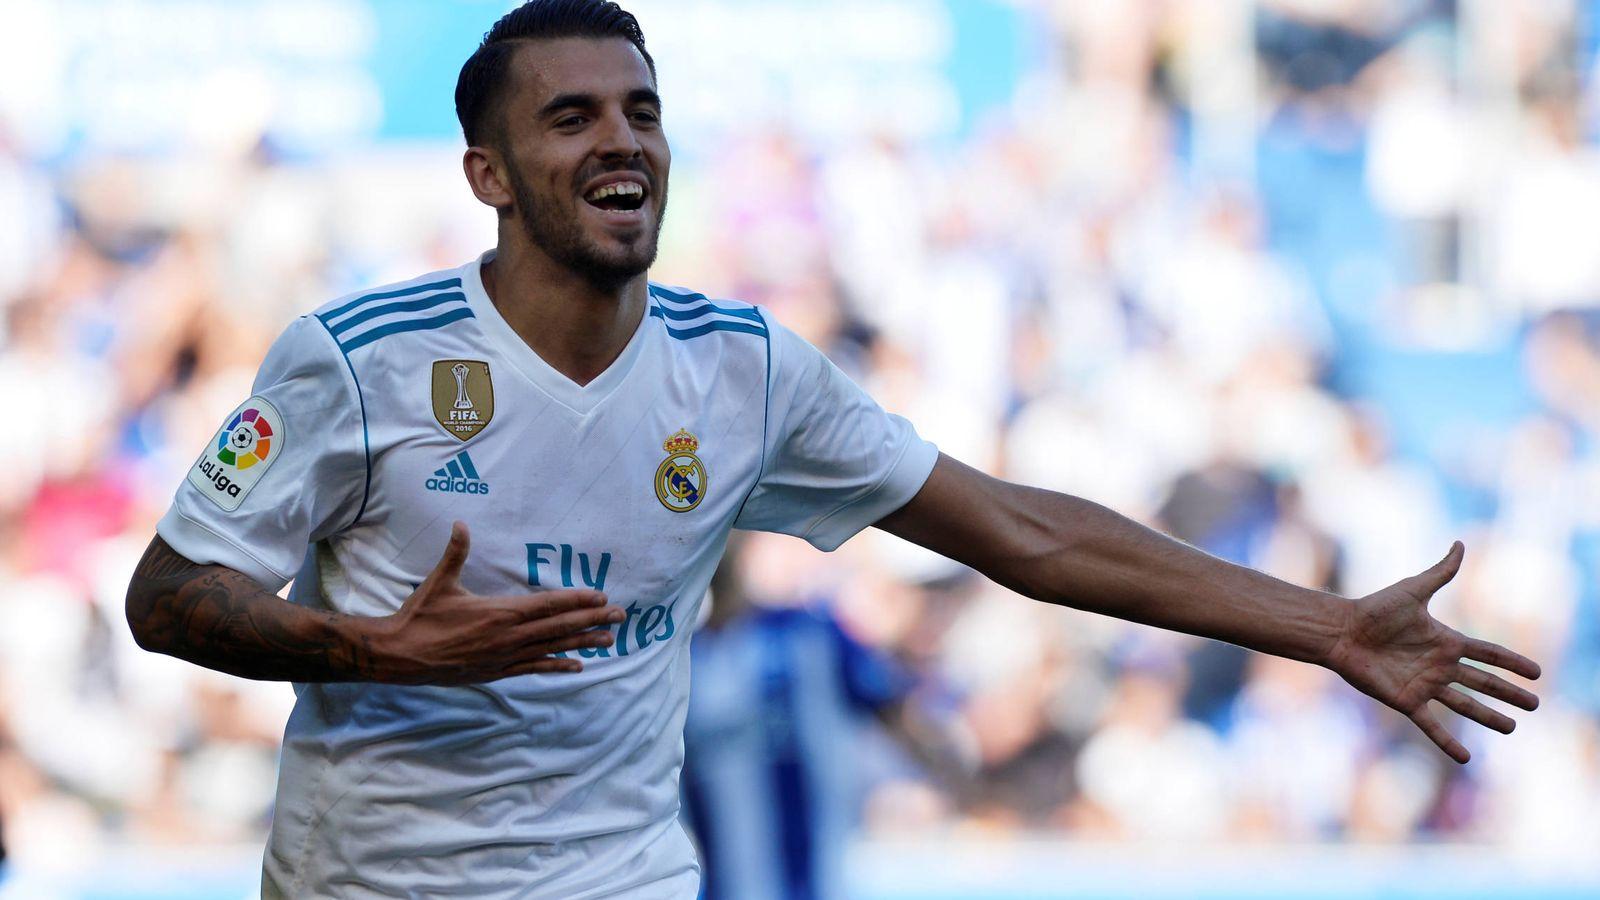 Foto: Ceballos, jugando con el Real Madrid. (Reuters)